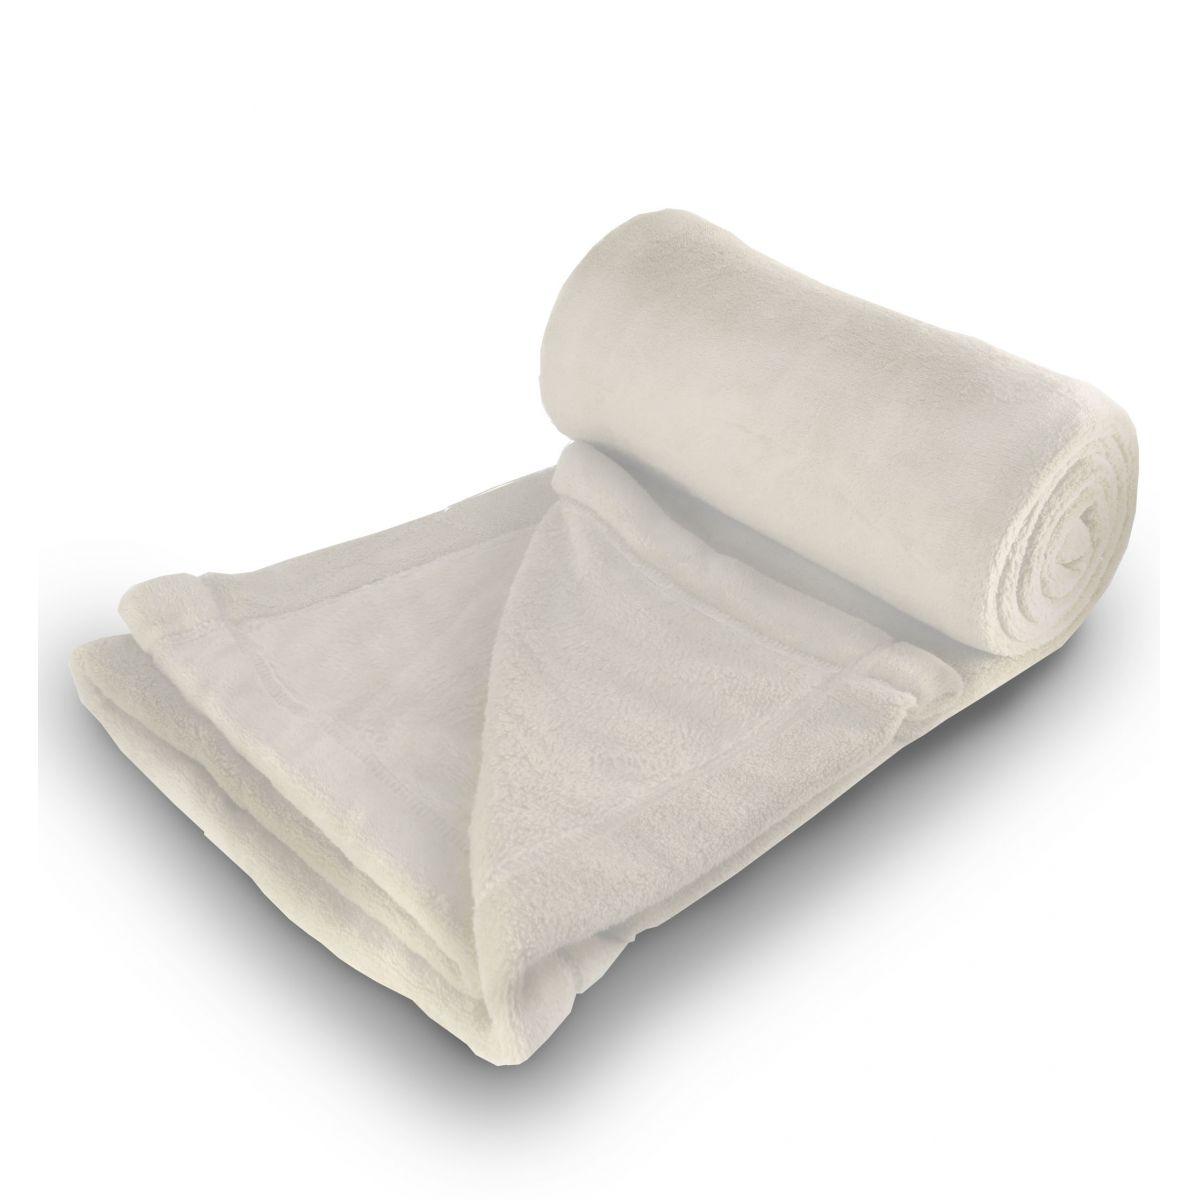 Cobertor de microfibra 240 g/m³ Solteiro - Bege